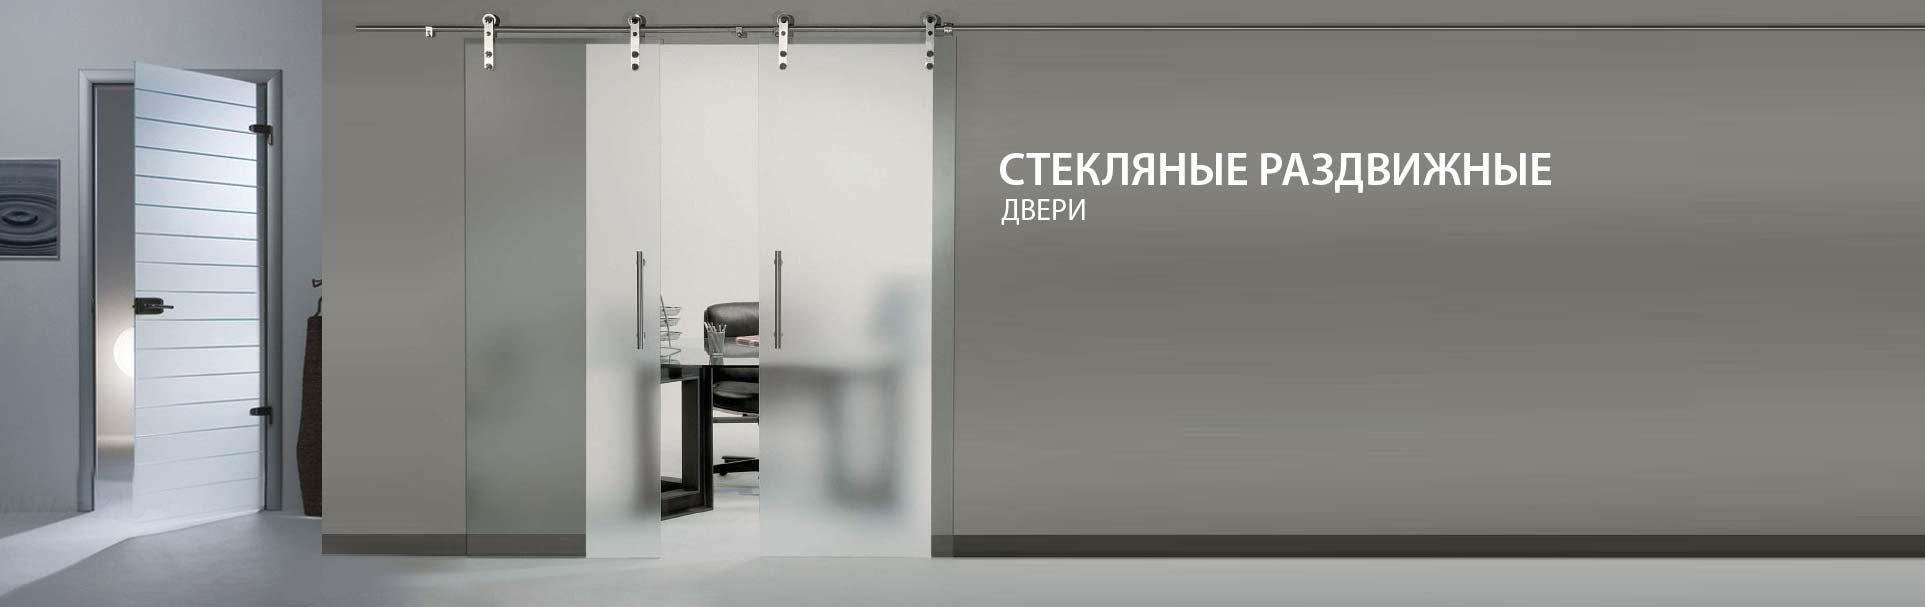 show-case-03